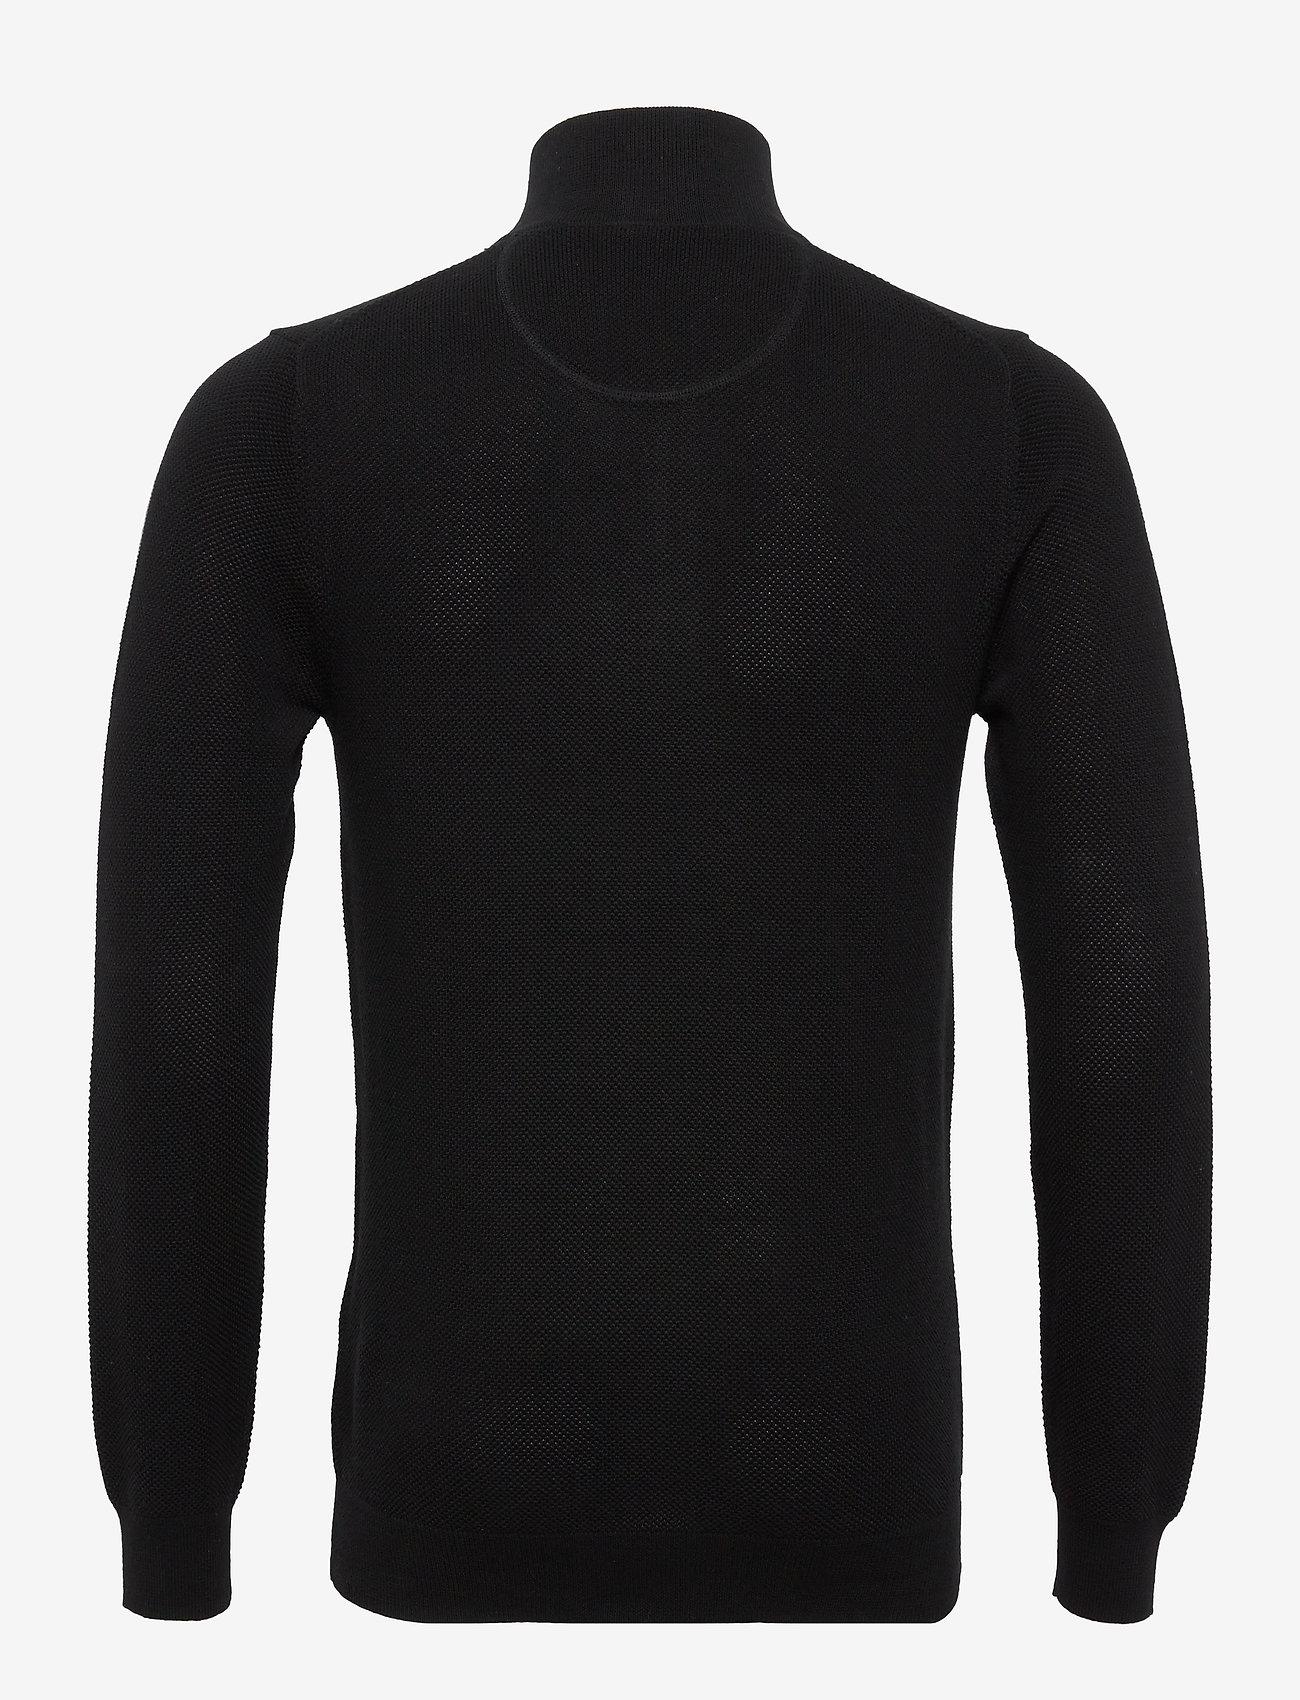 GANT - COTTON PIQUE HALF ZIP - half zip - black - 1